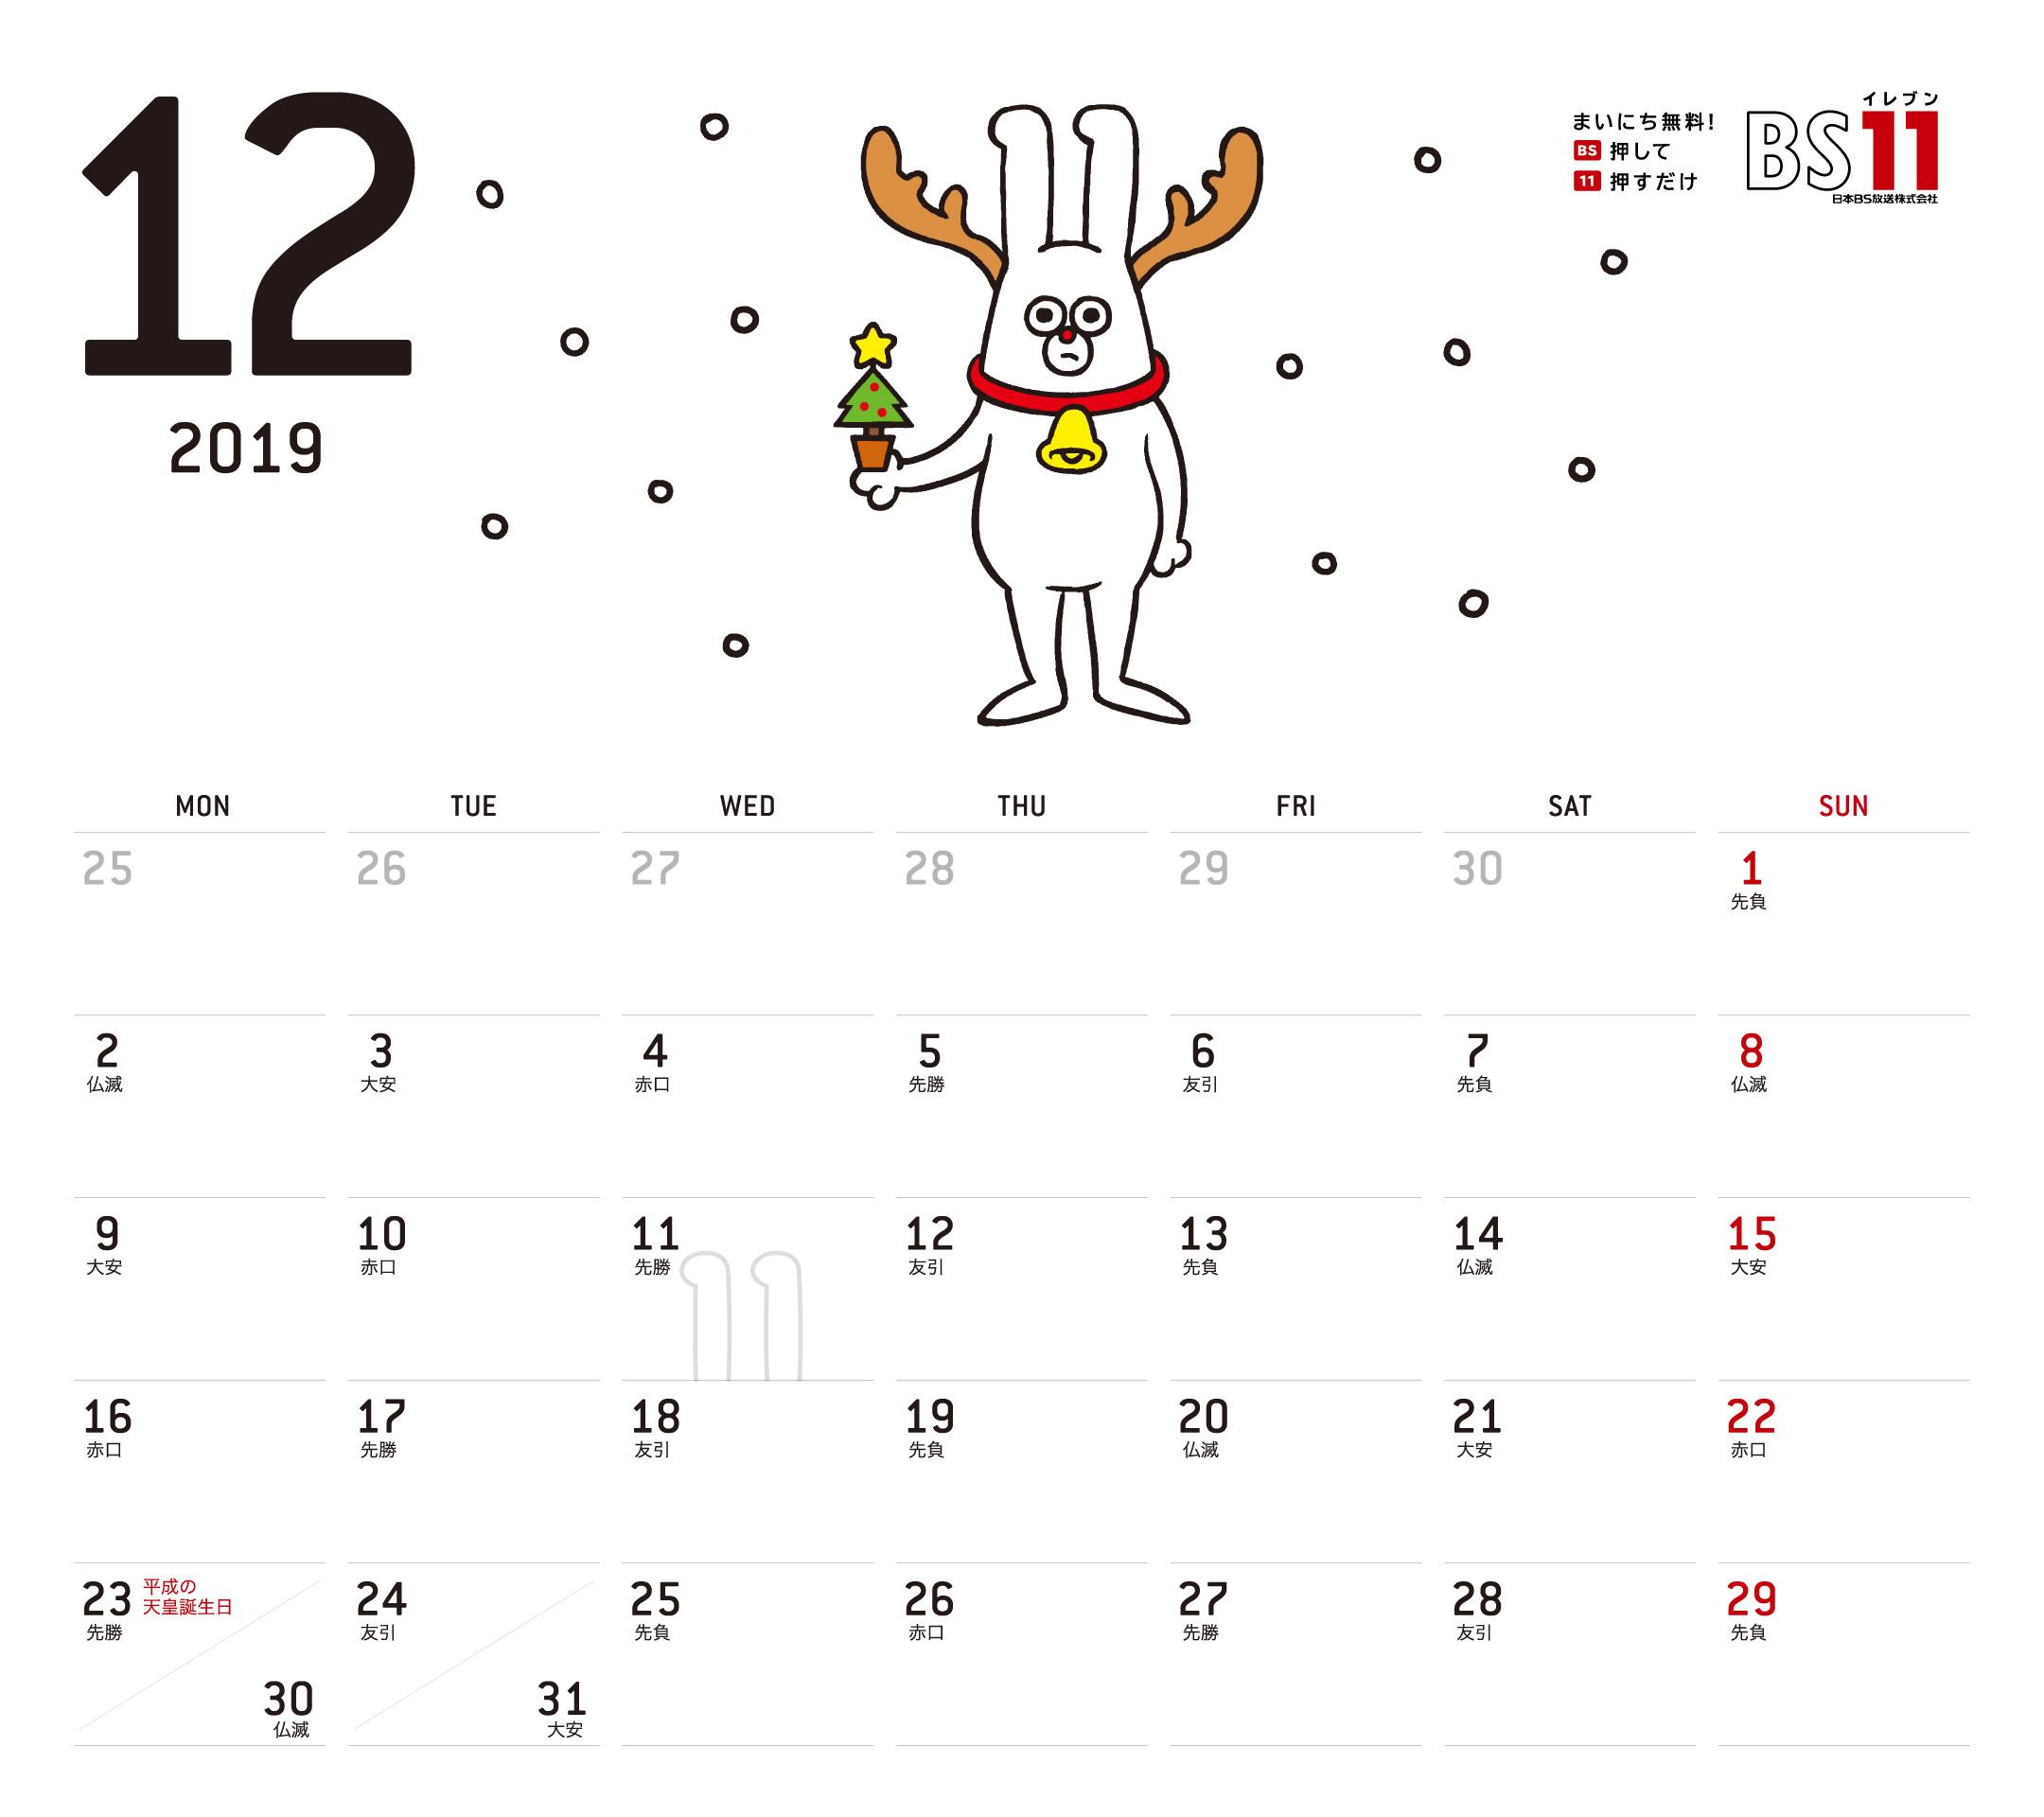 Spデジタルカレンダー2019年12月 Bs11イレブンいつでも